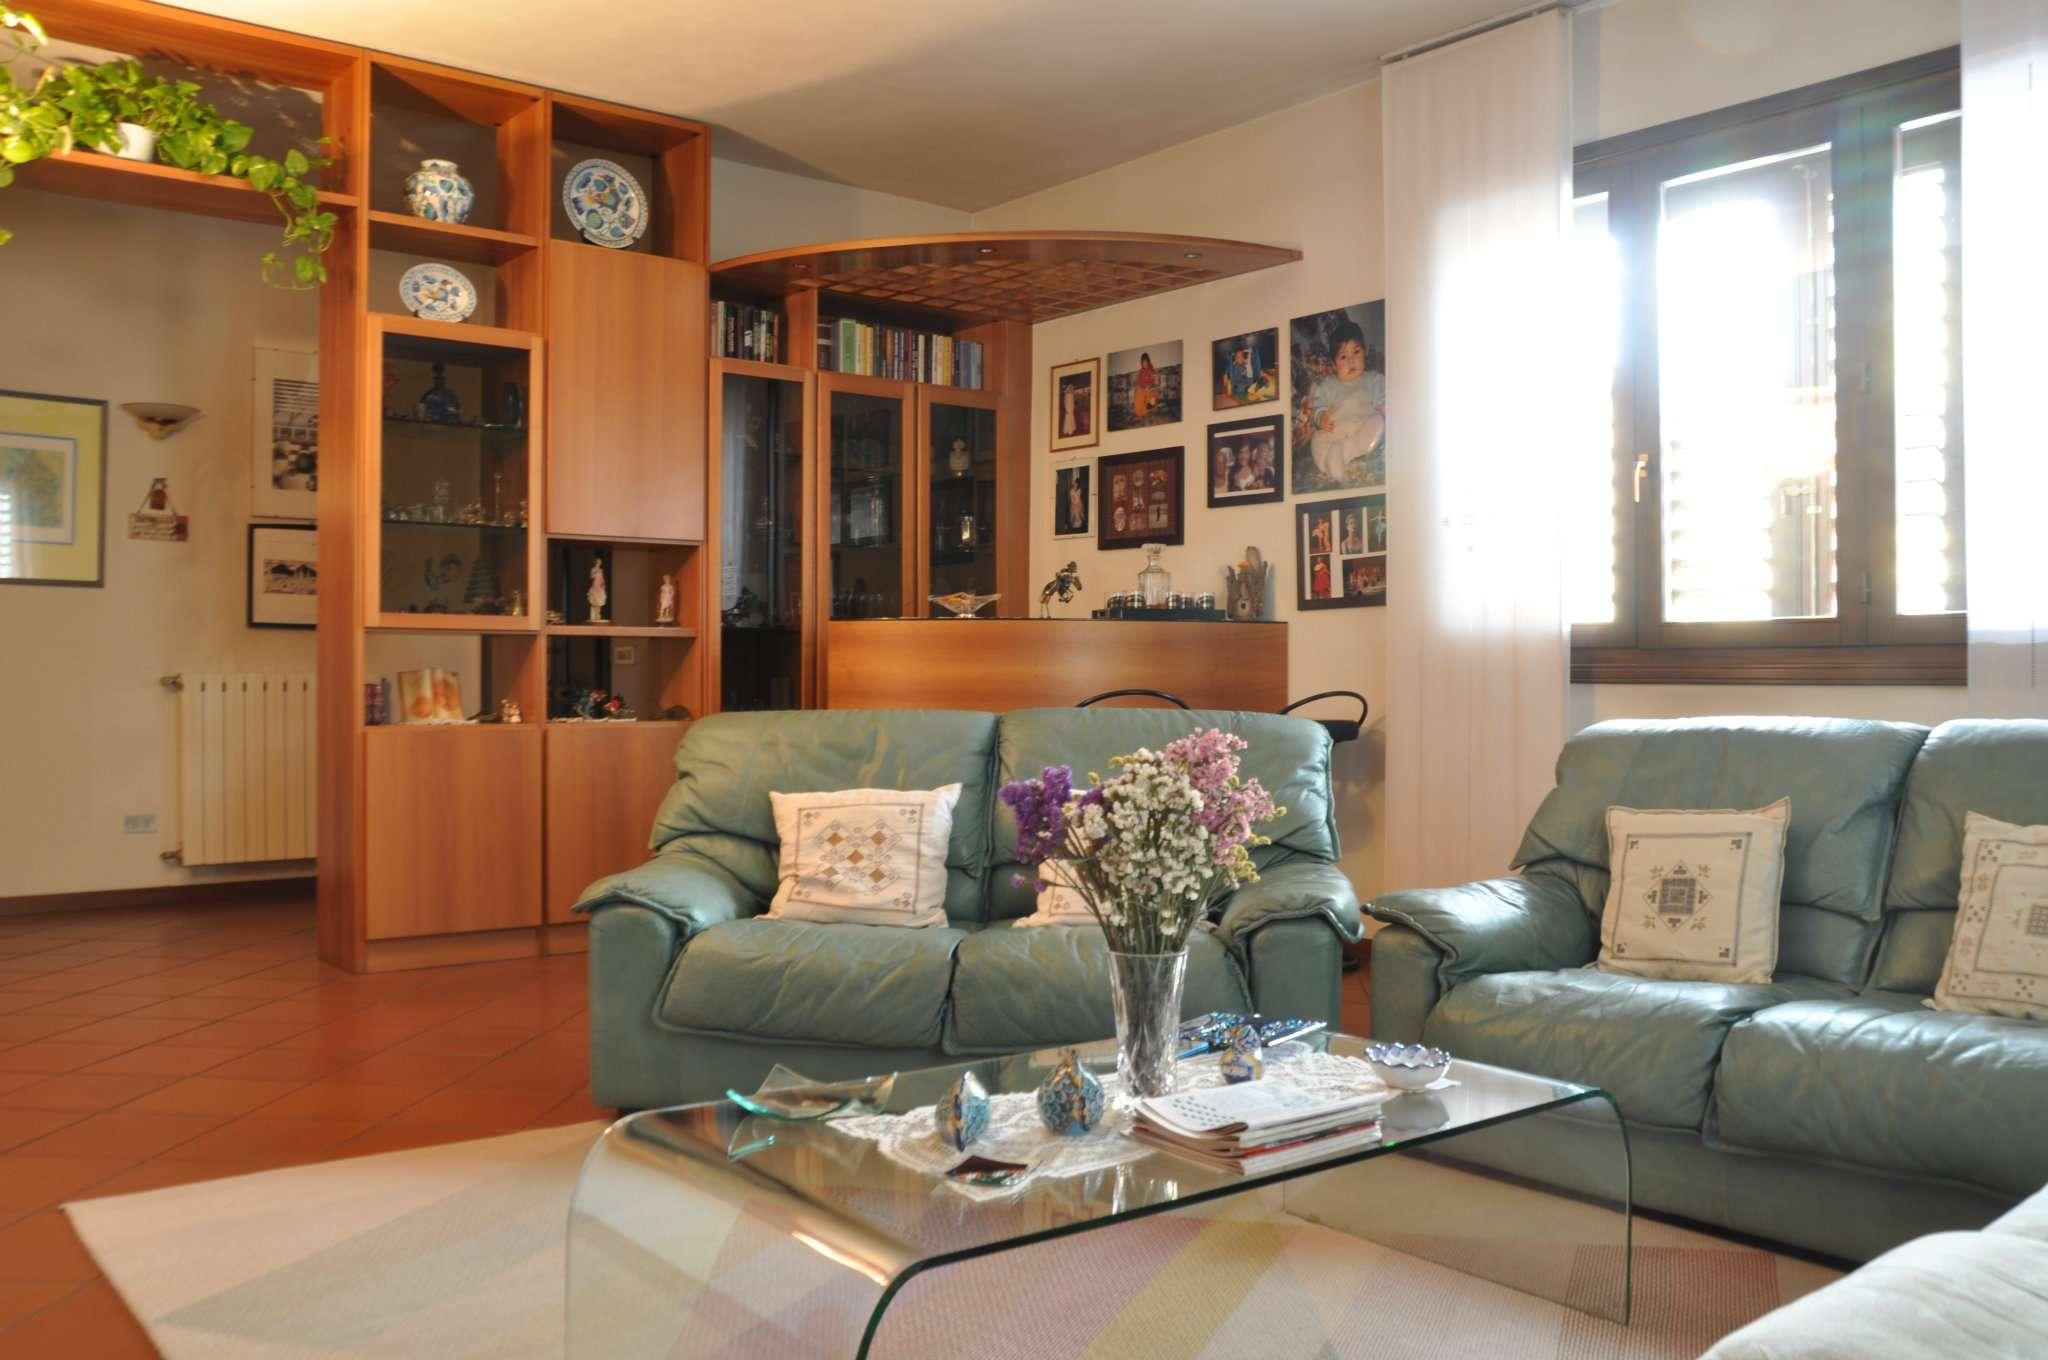 Soluzione Indipendente in vendita a Pistoia, 8 locali, prezzo € 450.000 | CambioCasa.it